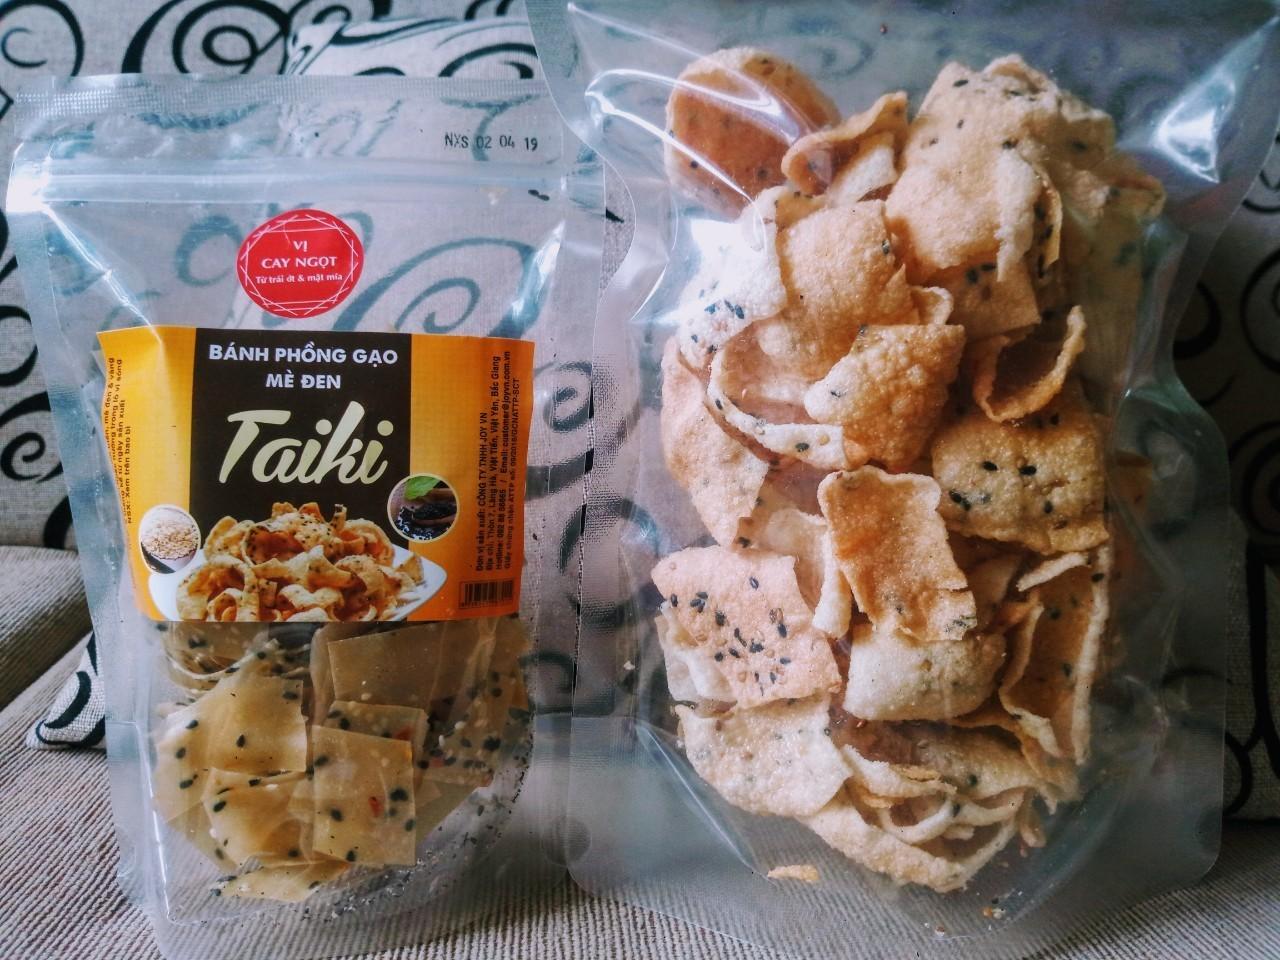 Bánh phồng gạo mè đen Taiki, túi 100gr (Set 20 túi)